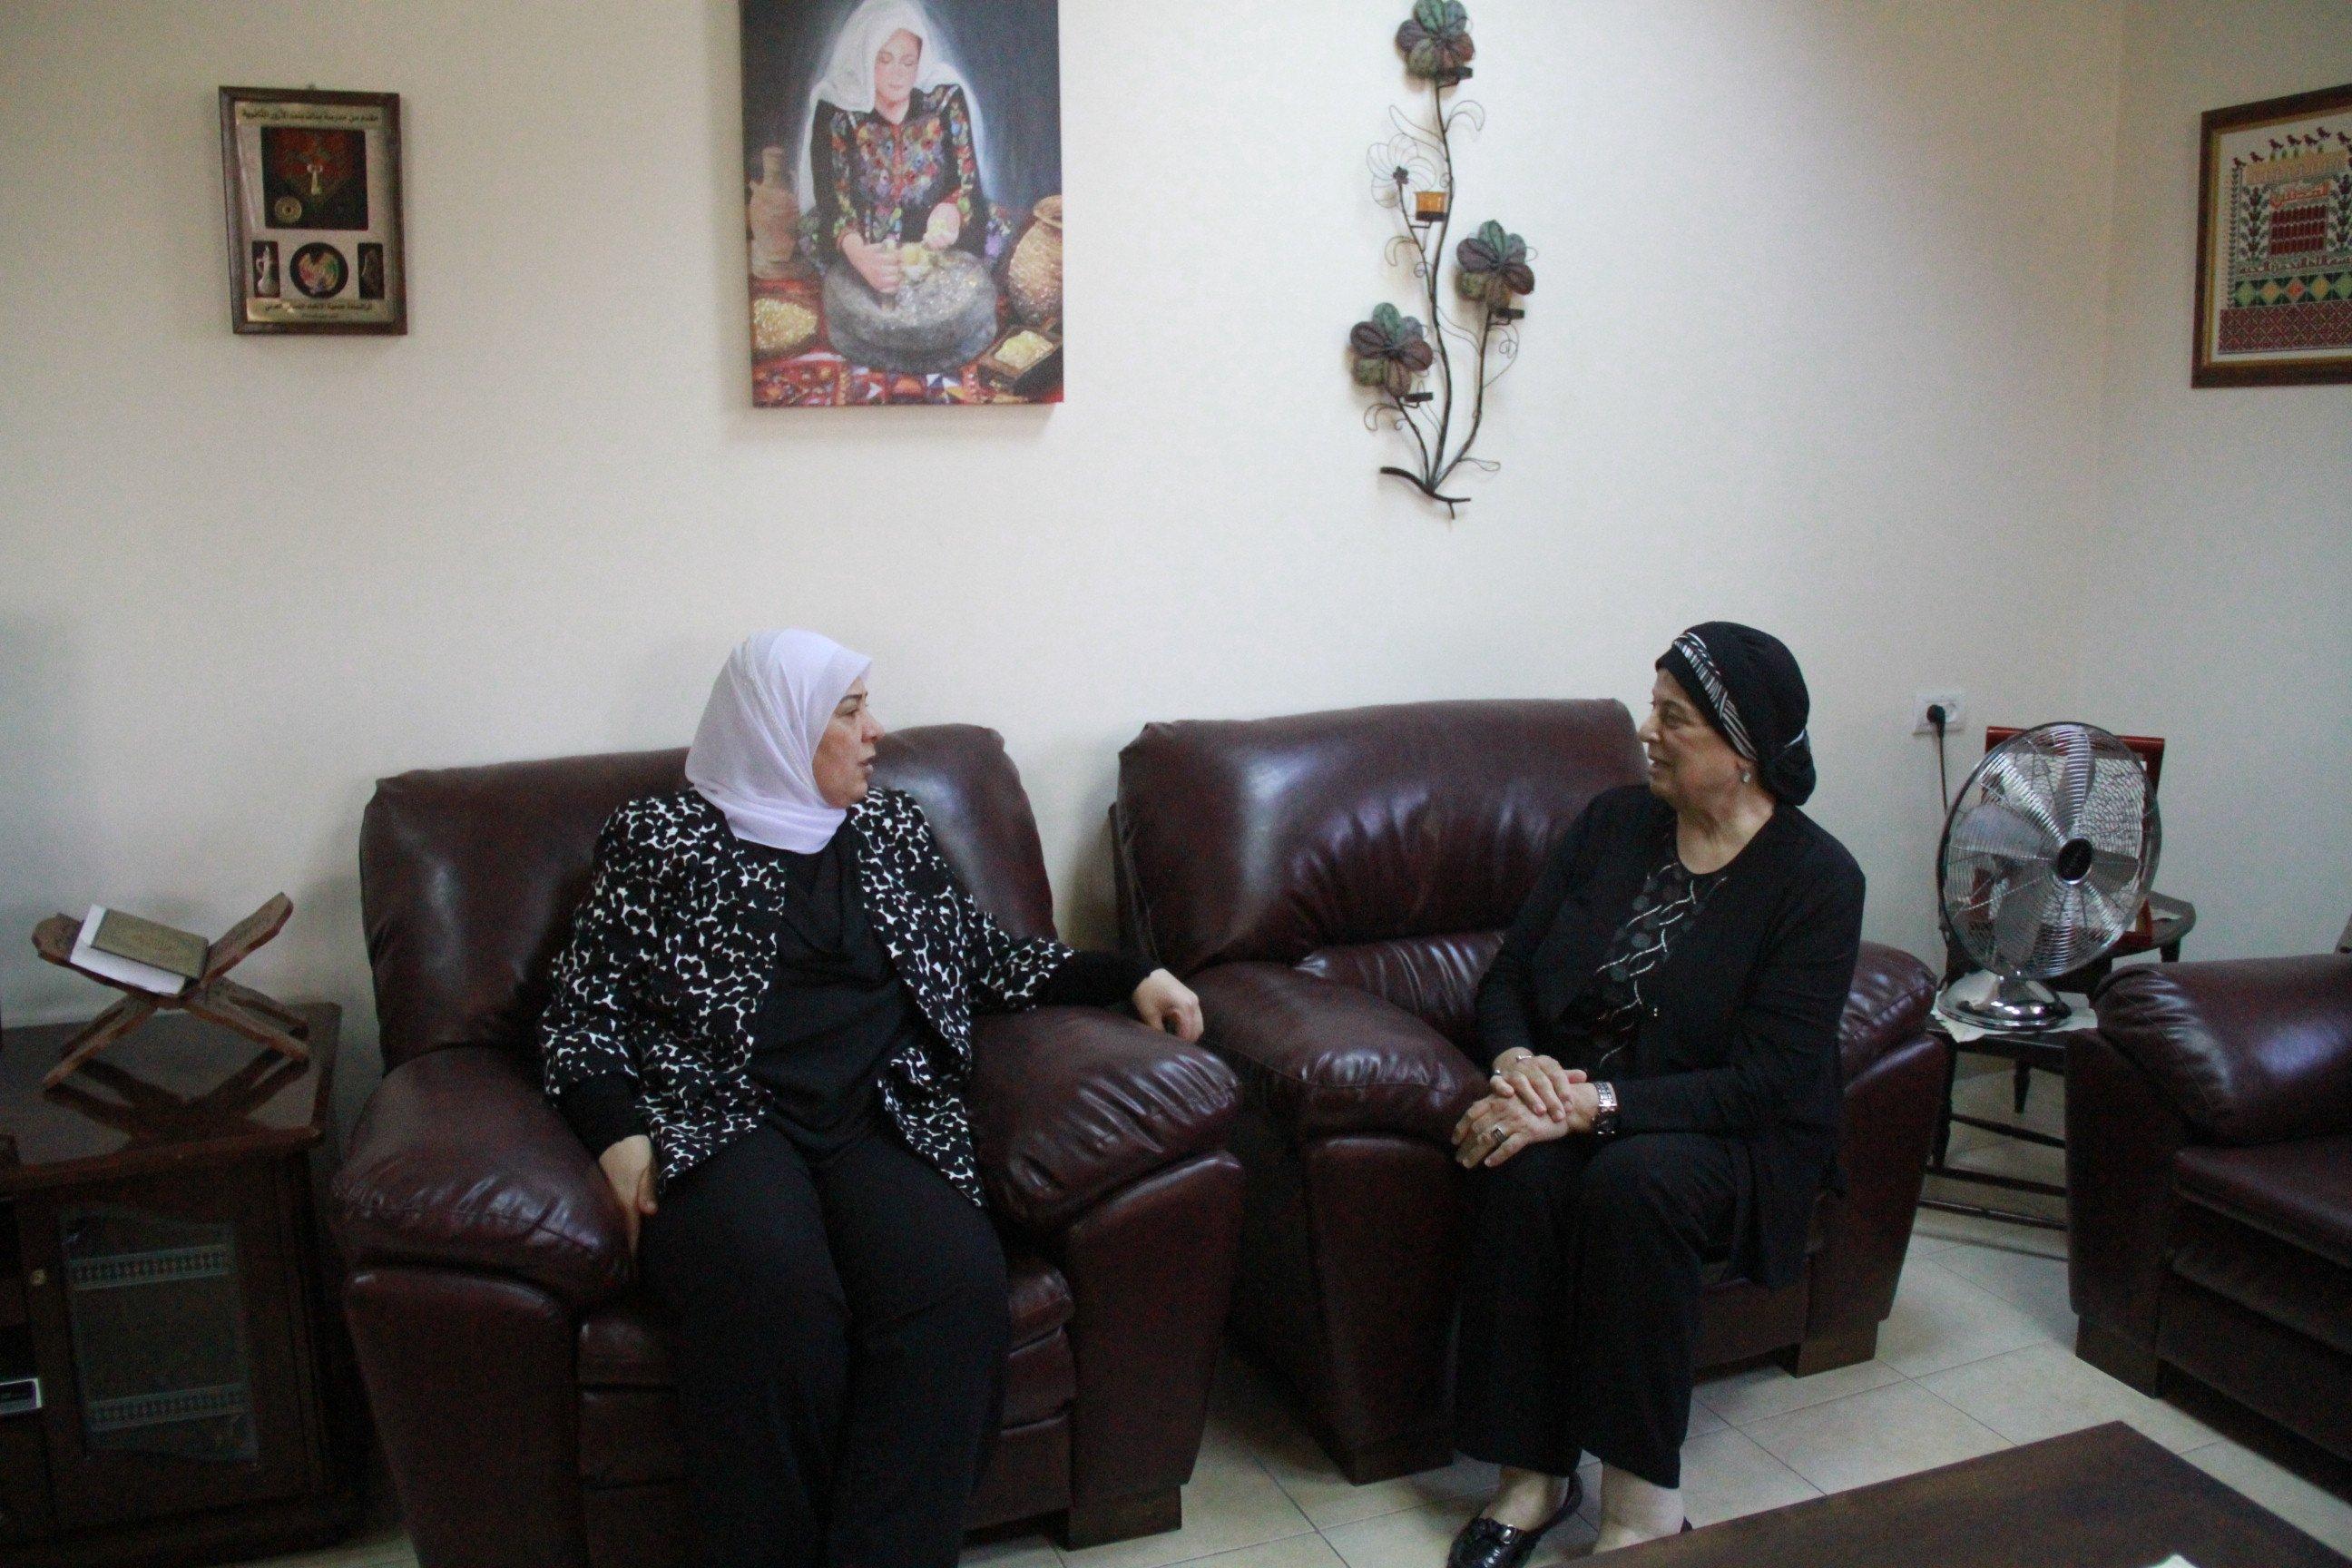 غنام تتفقد بيوت الأجداد وتؤمن مستلزمات ومواد غذائية لنزلائها